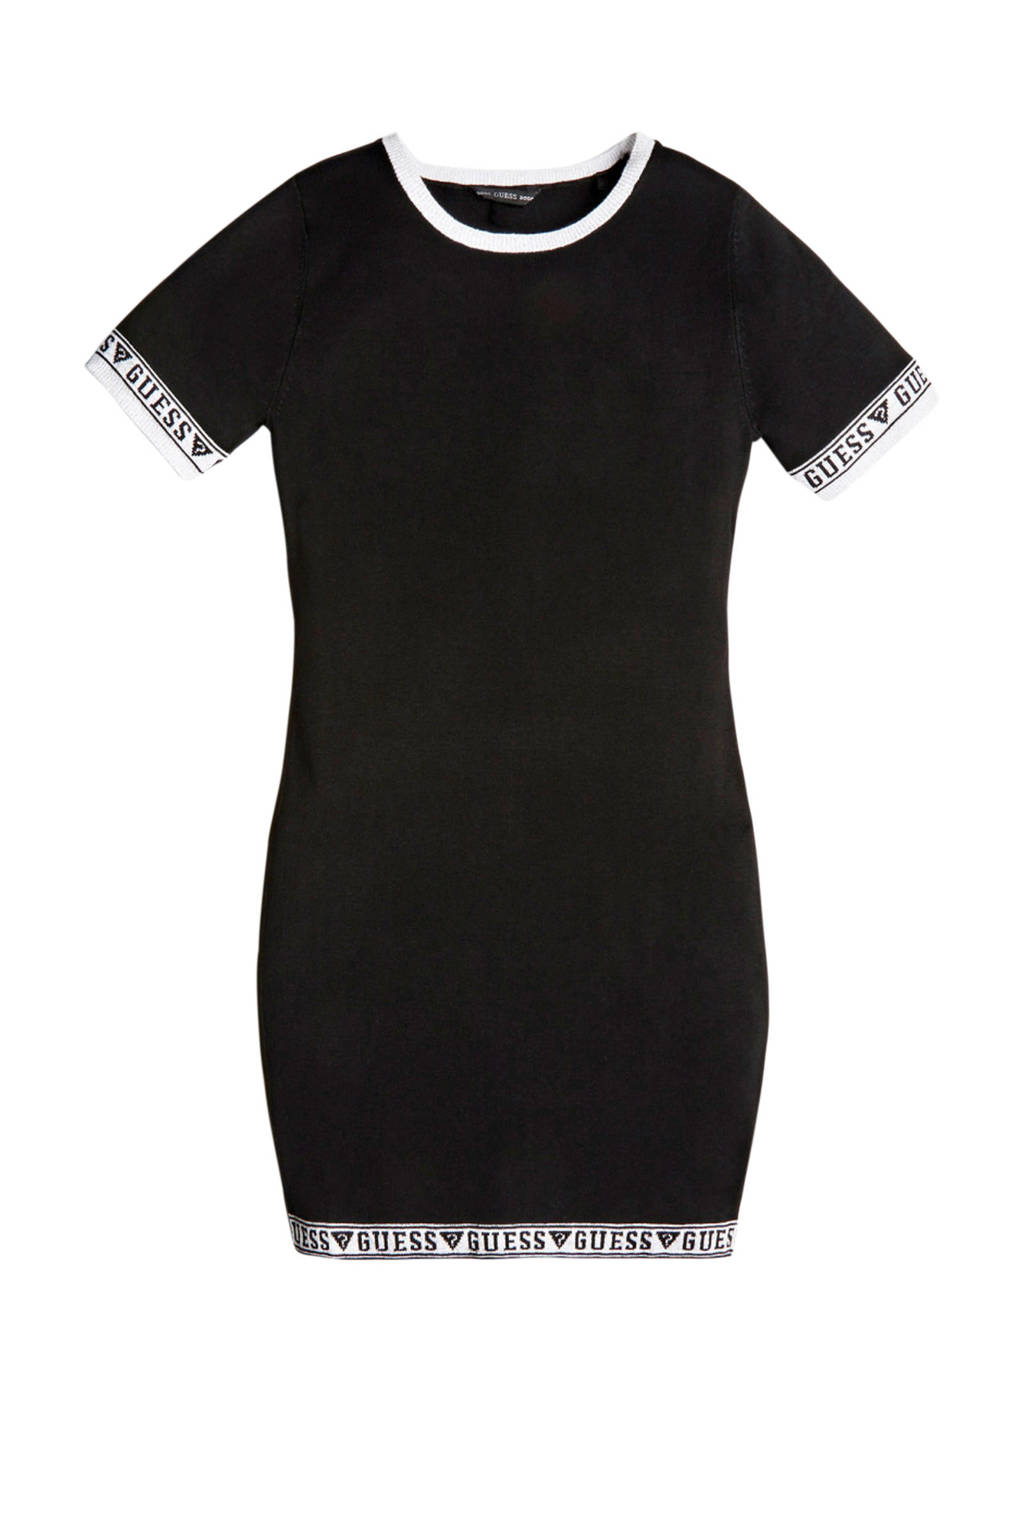 GUESS jurk SS sweater dress met logo zwart, Zwart